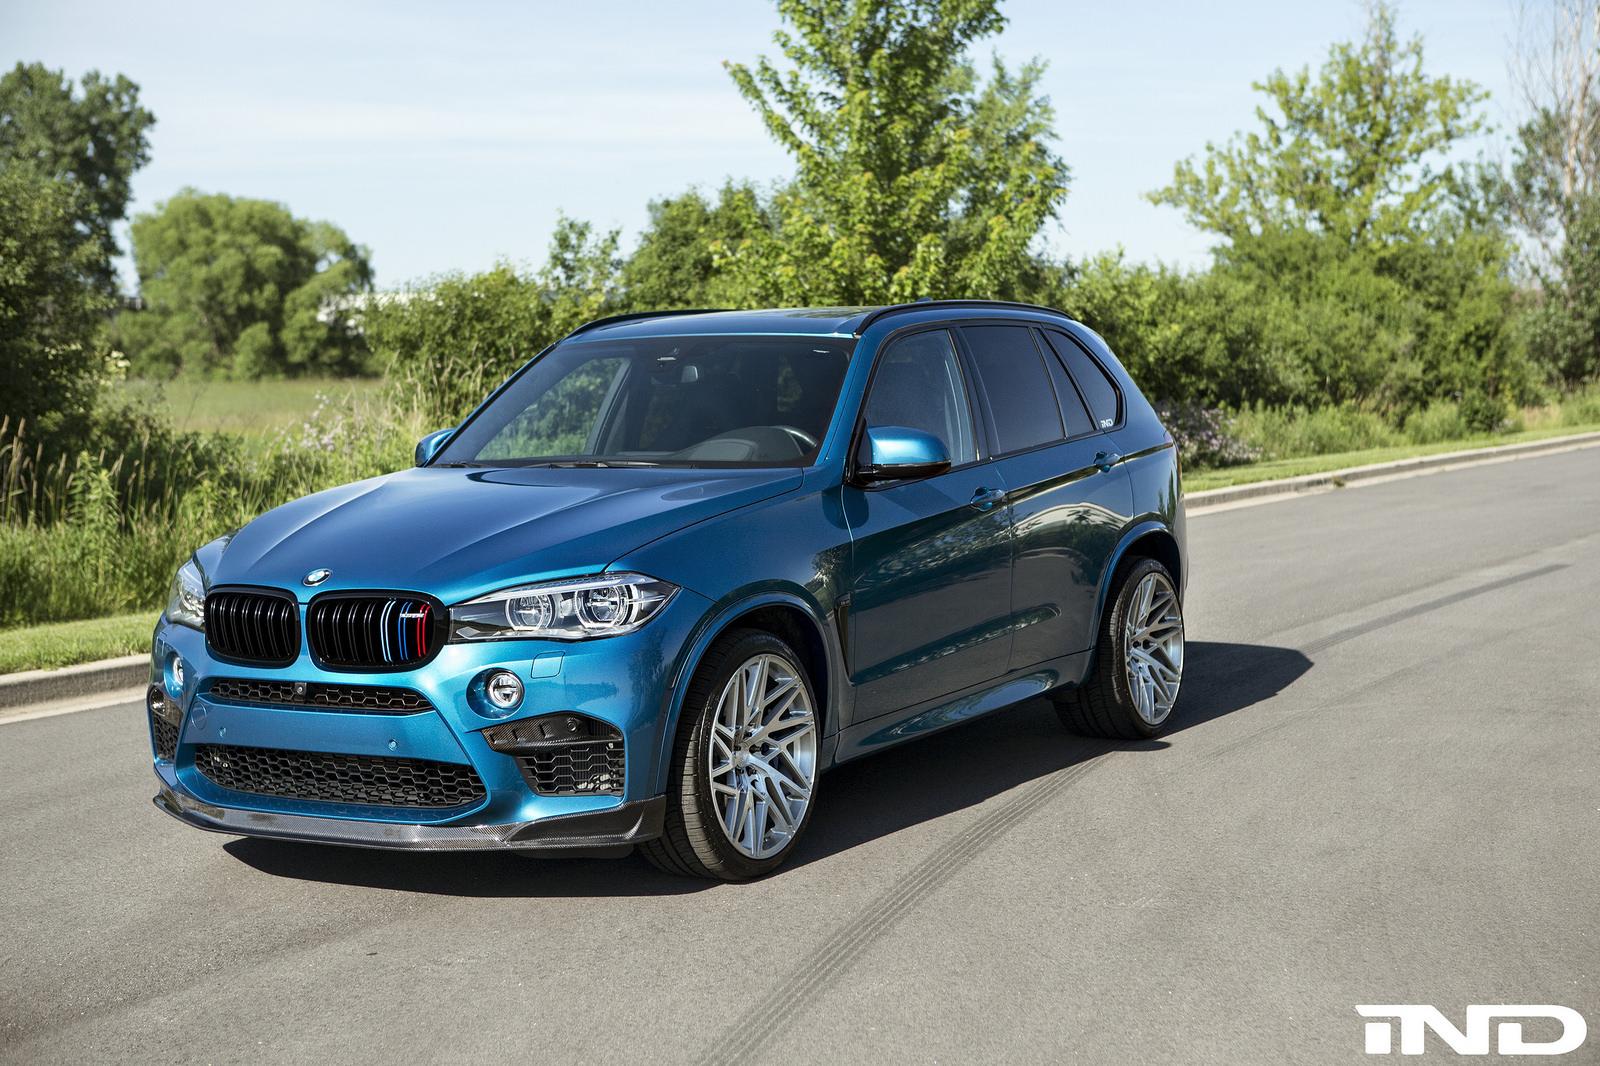 Bmw X5 Monster Truck >> Long Beach Blue BMW X5 M gets a makeover